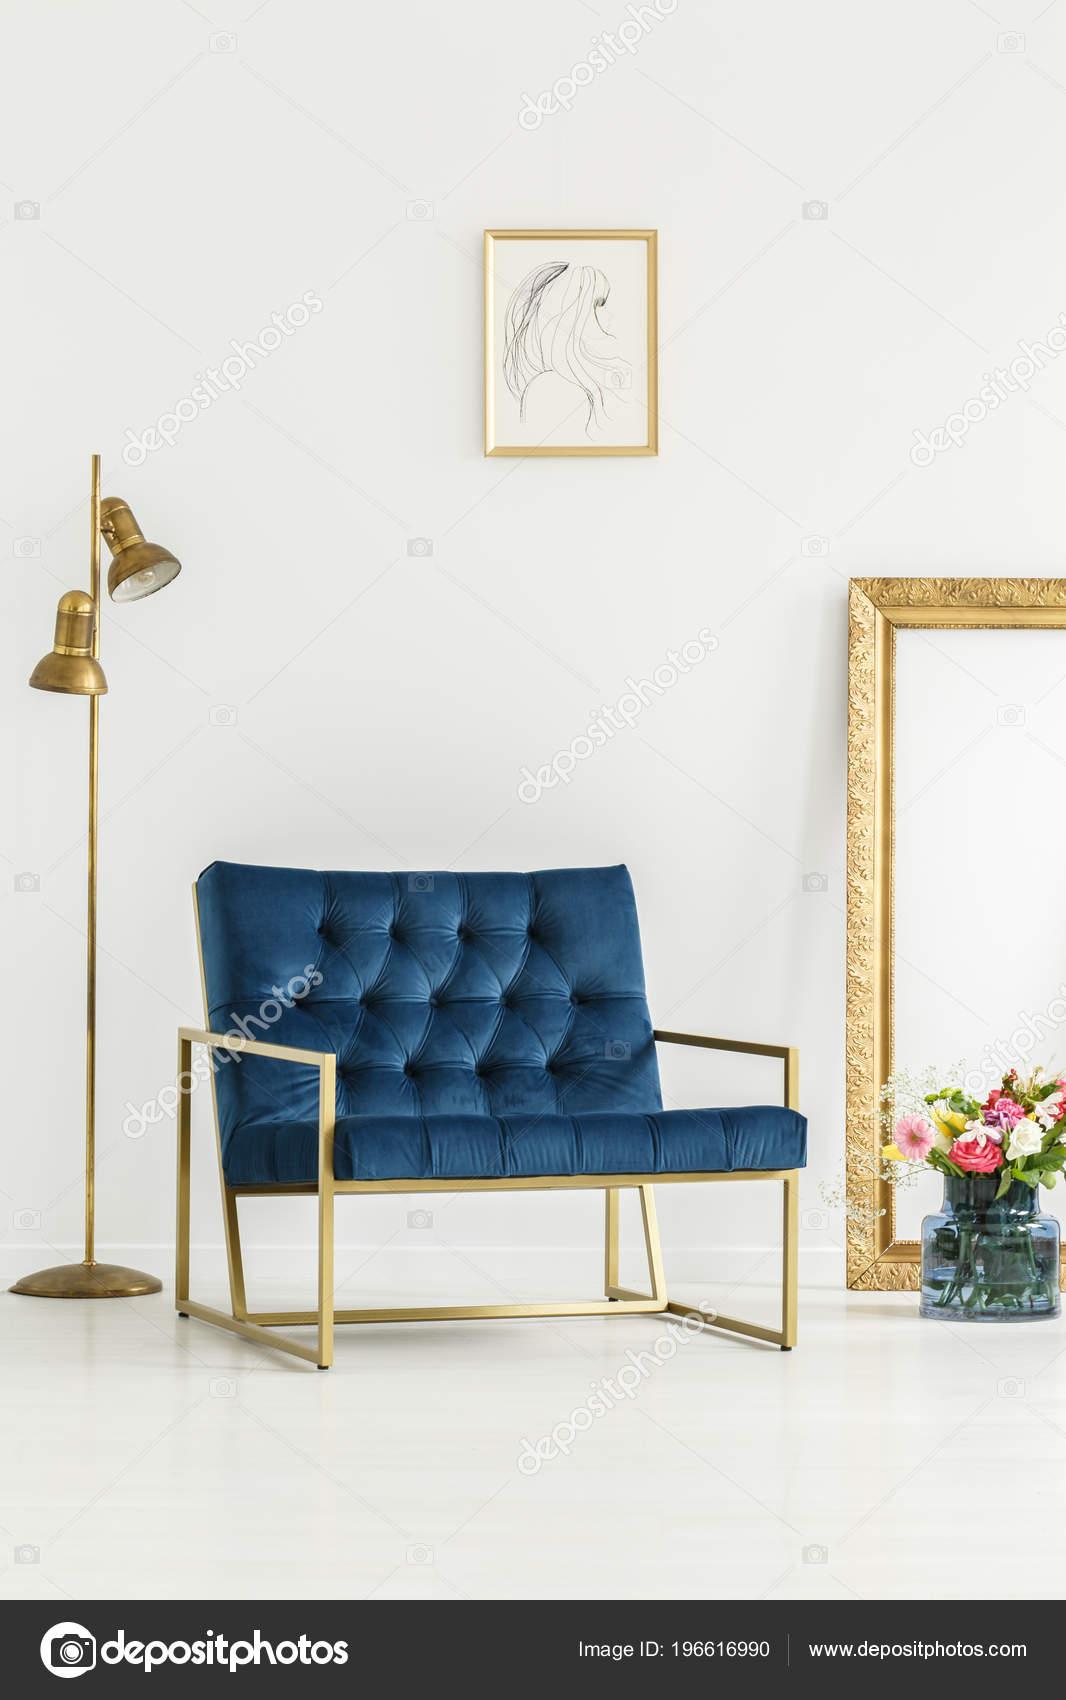 Sillón Lujo Azul Marino Elementos Oro Arte Enmarcado Ramo Flores ...